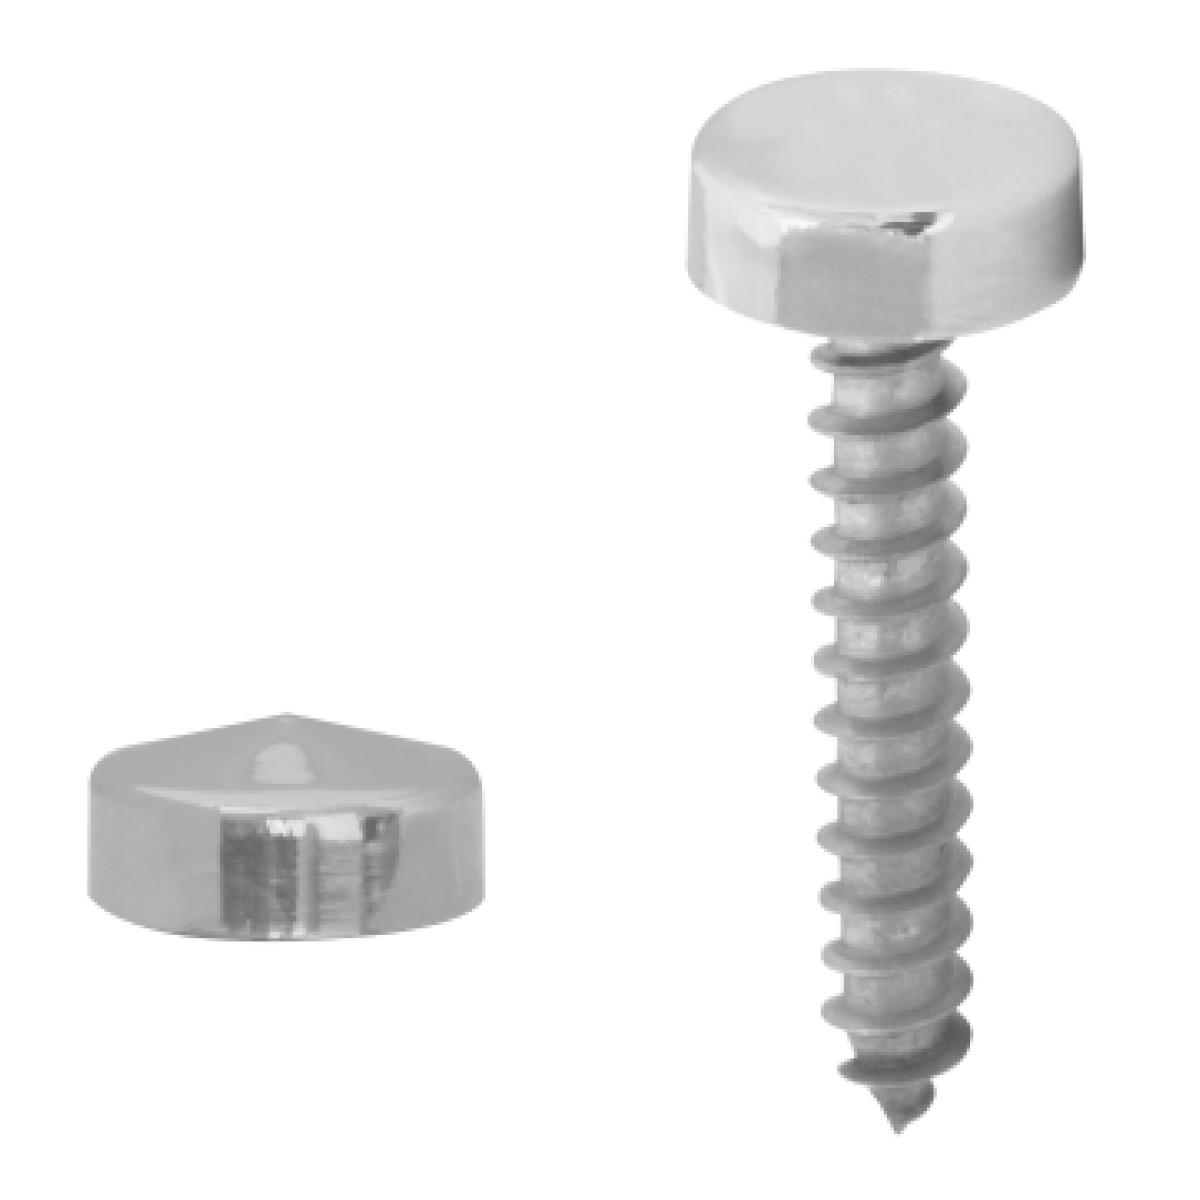 KW Chrome Plastic Screw Covers